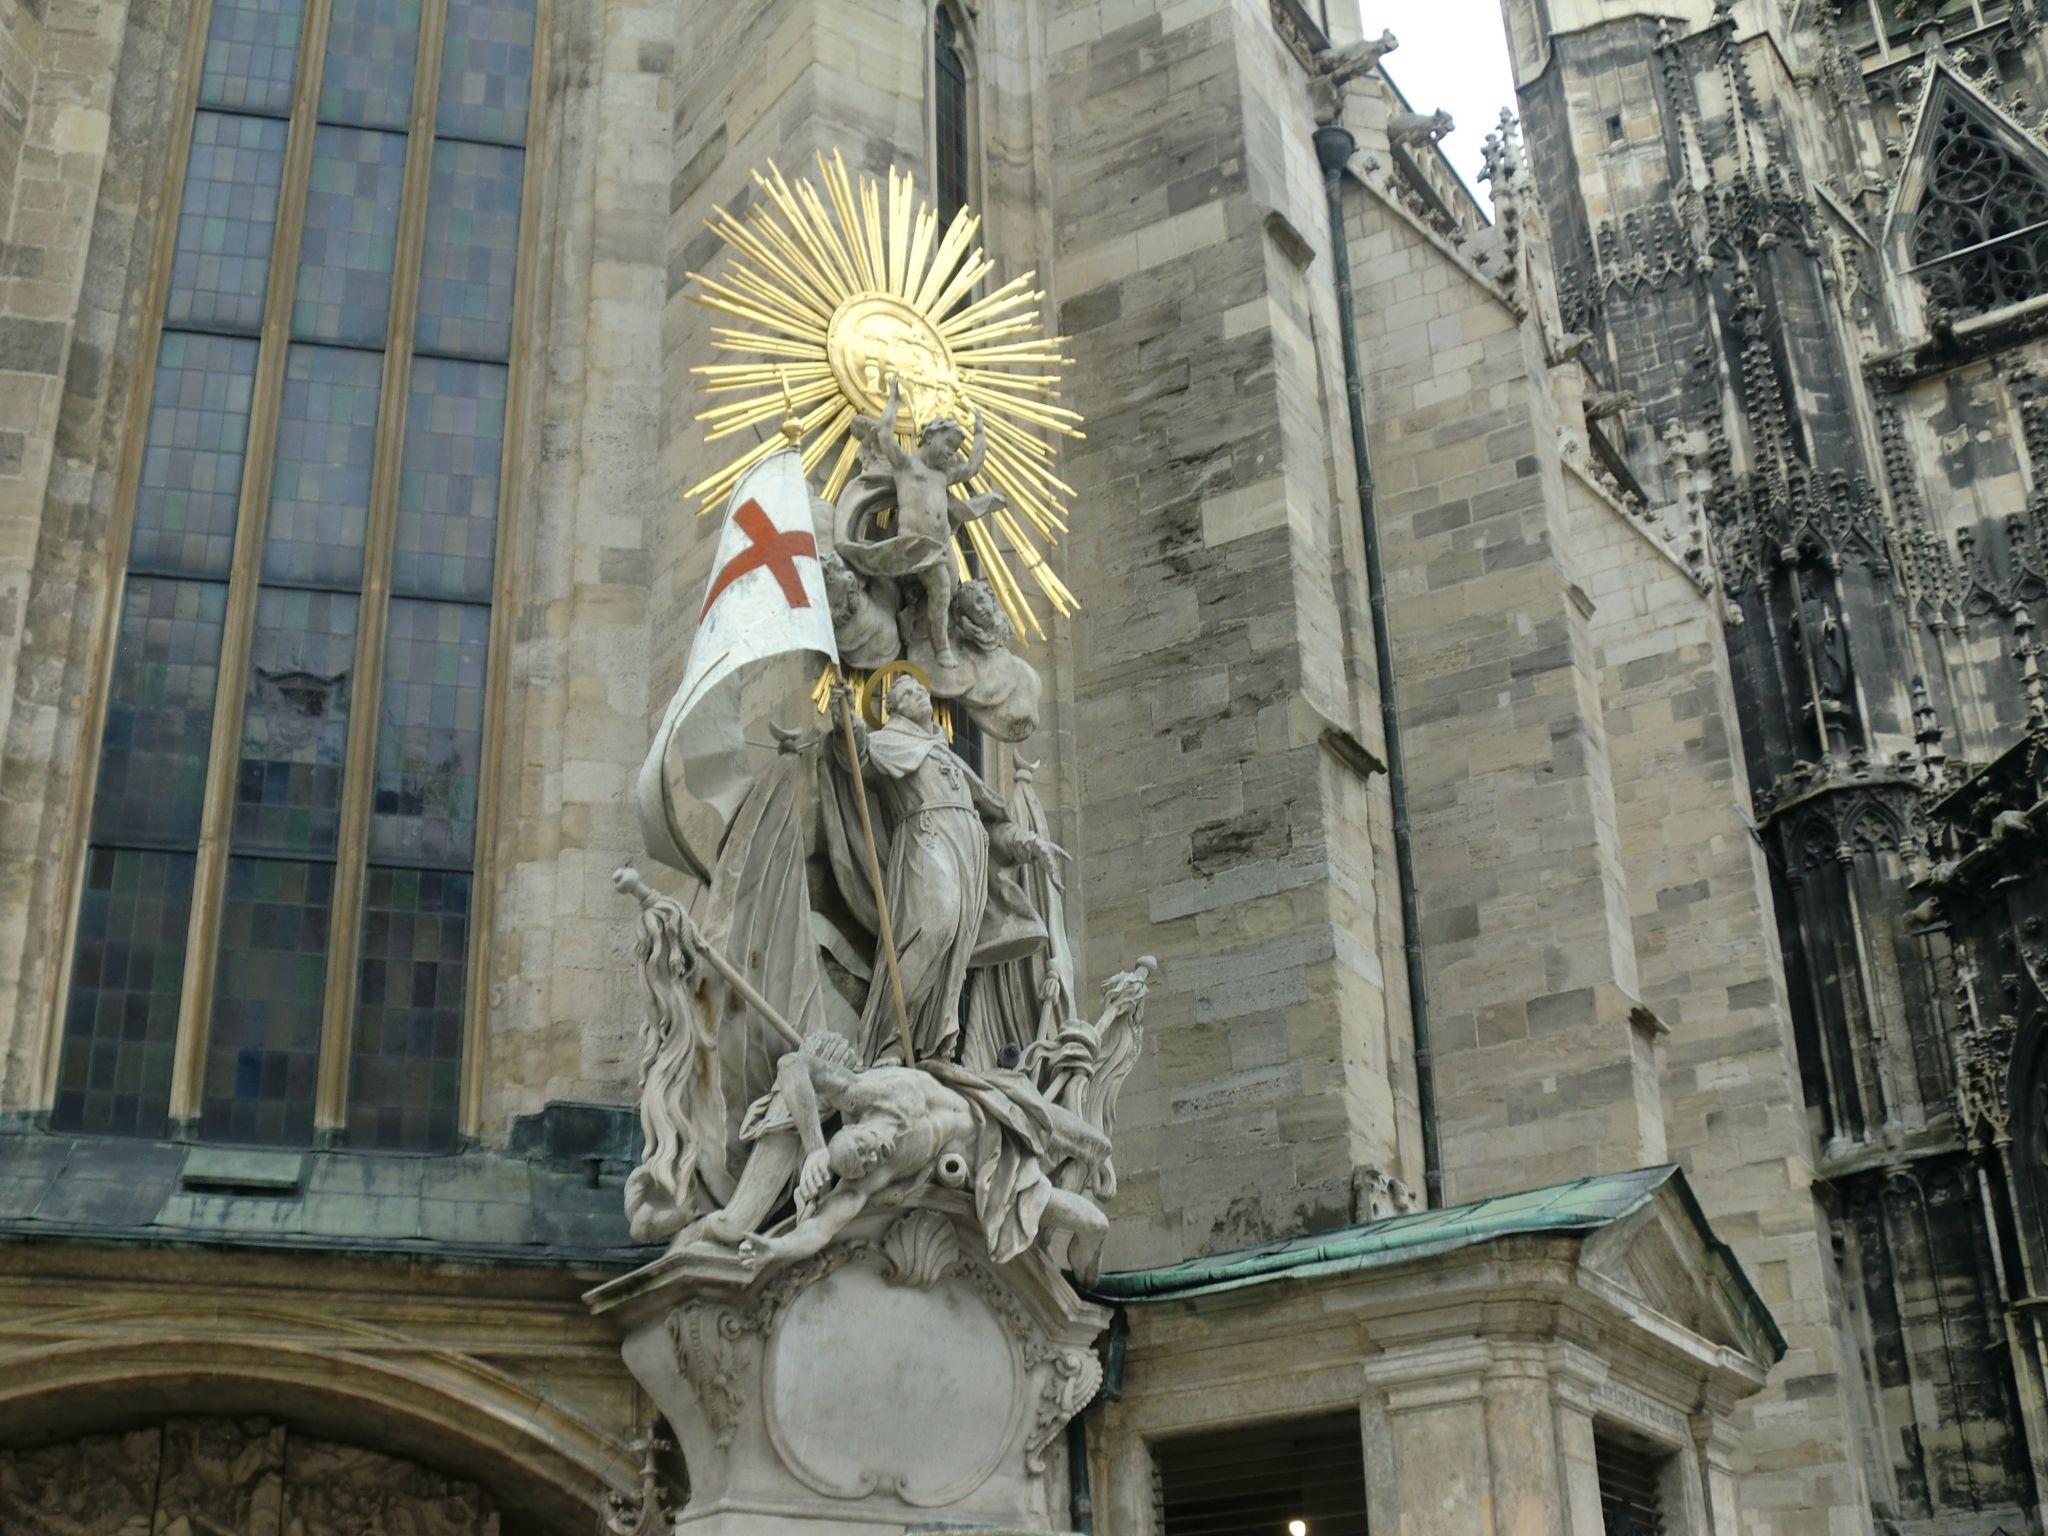 Vienna cathedral 44 1440x1080 - Vienna: elegant beauty